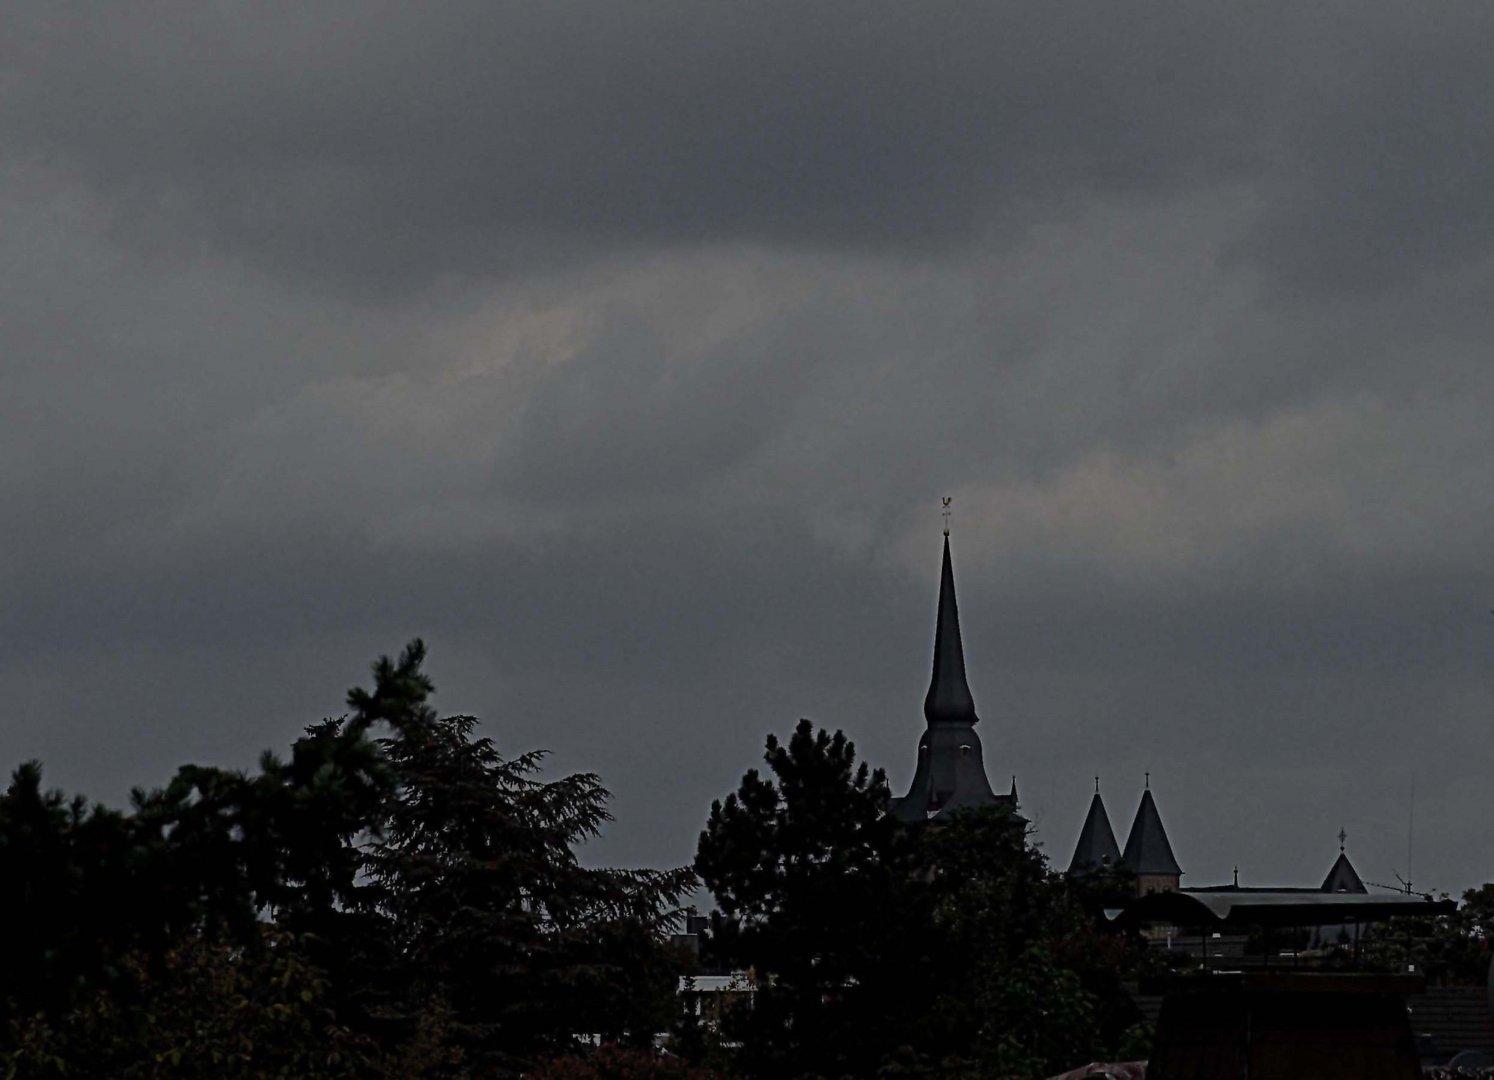 Düstere Wolken über Ratingen. Blick auf St. Peter und Paul, unsere  Pfarrkirche.